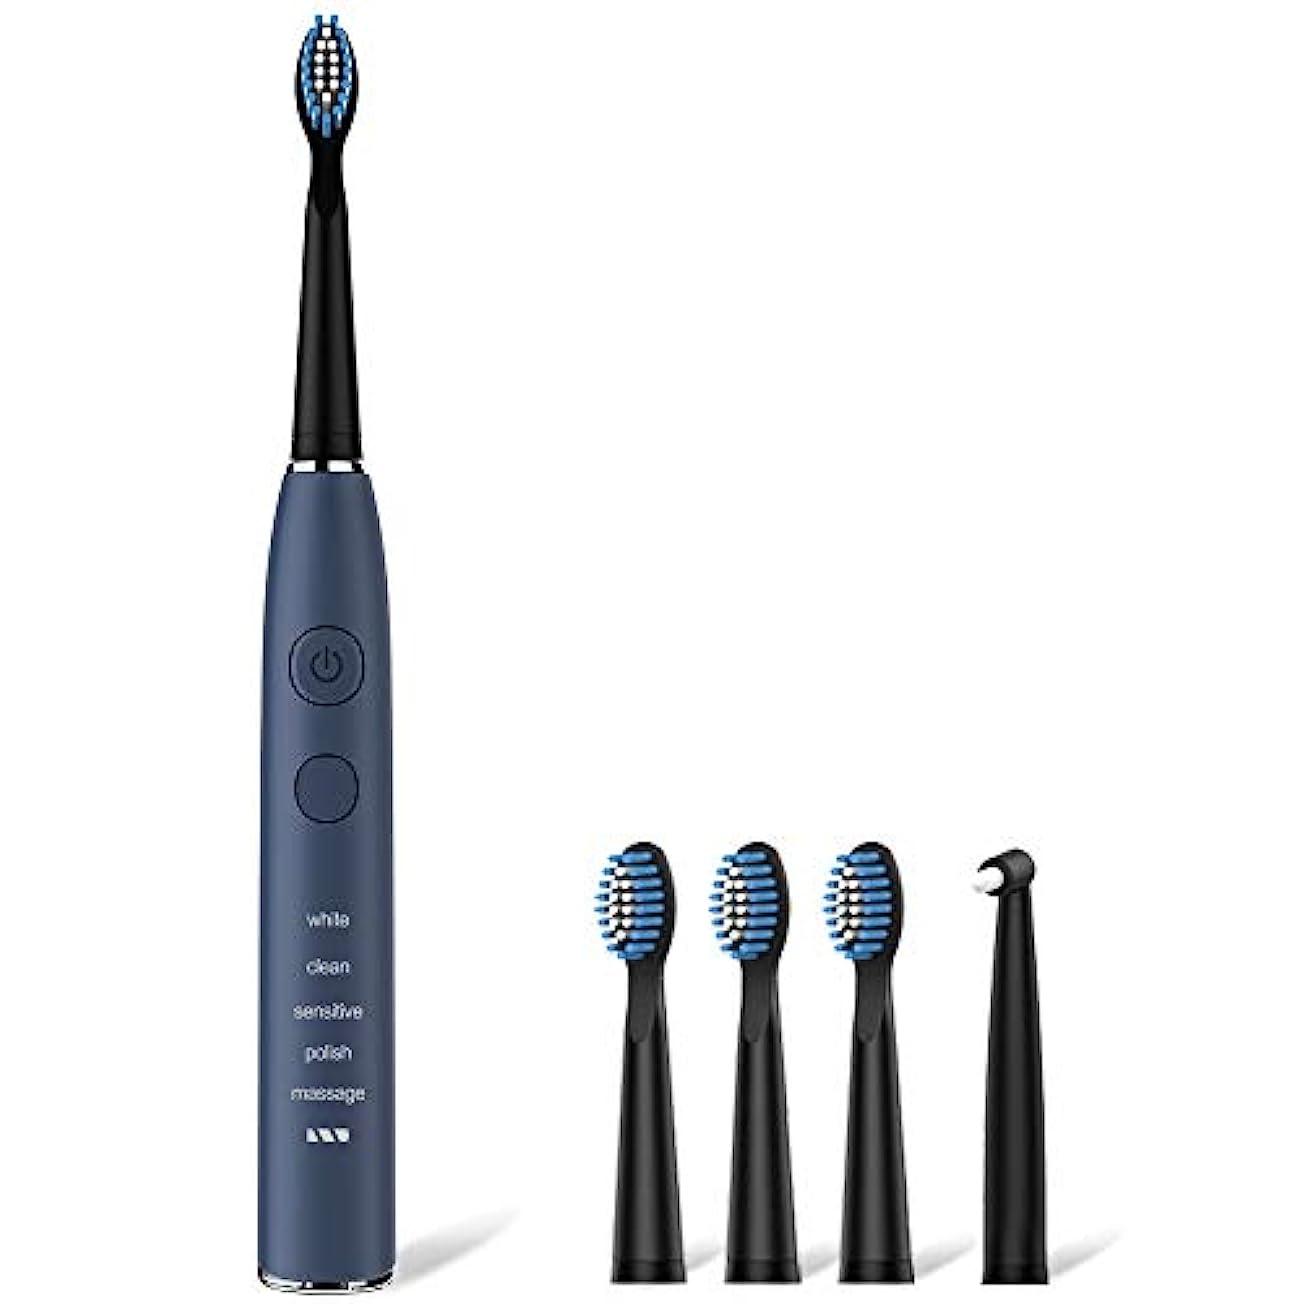 悪夢対象カメ電動歯ブラシ 歯ブラシ seago 音波歯ブラシ USB充電式8時間 180日に使用 IPX7防水 五つモードと2分オートタイマー機能搭載 替えブラシ5本 12ヶ月メーカー保証 SG-575(ブルー)